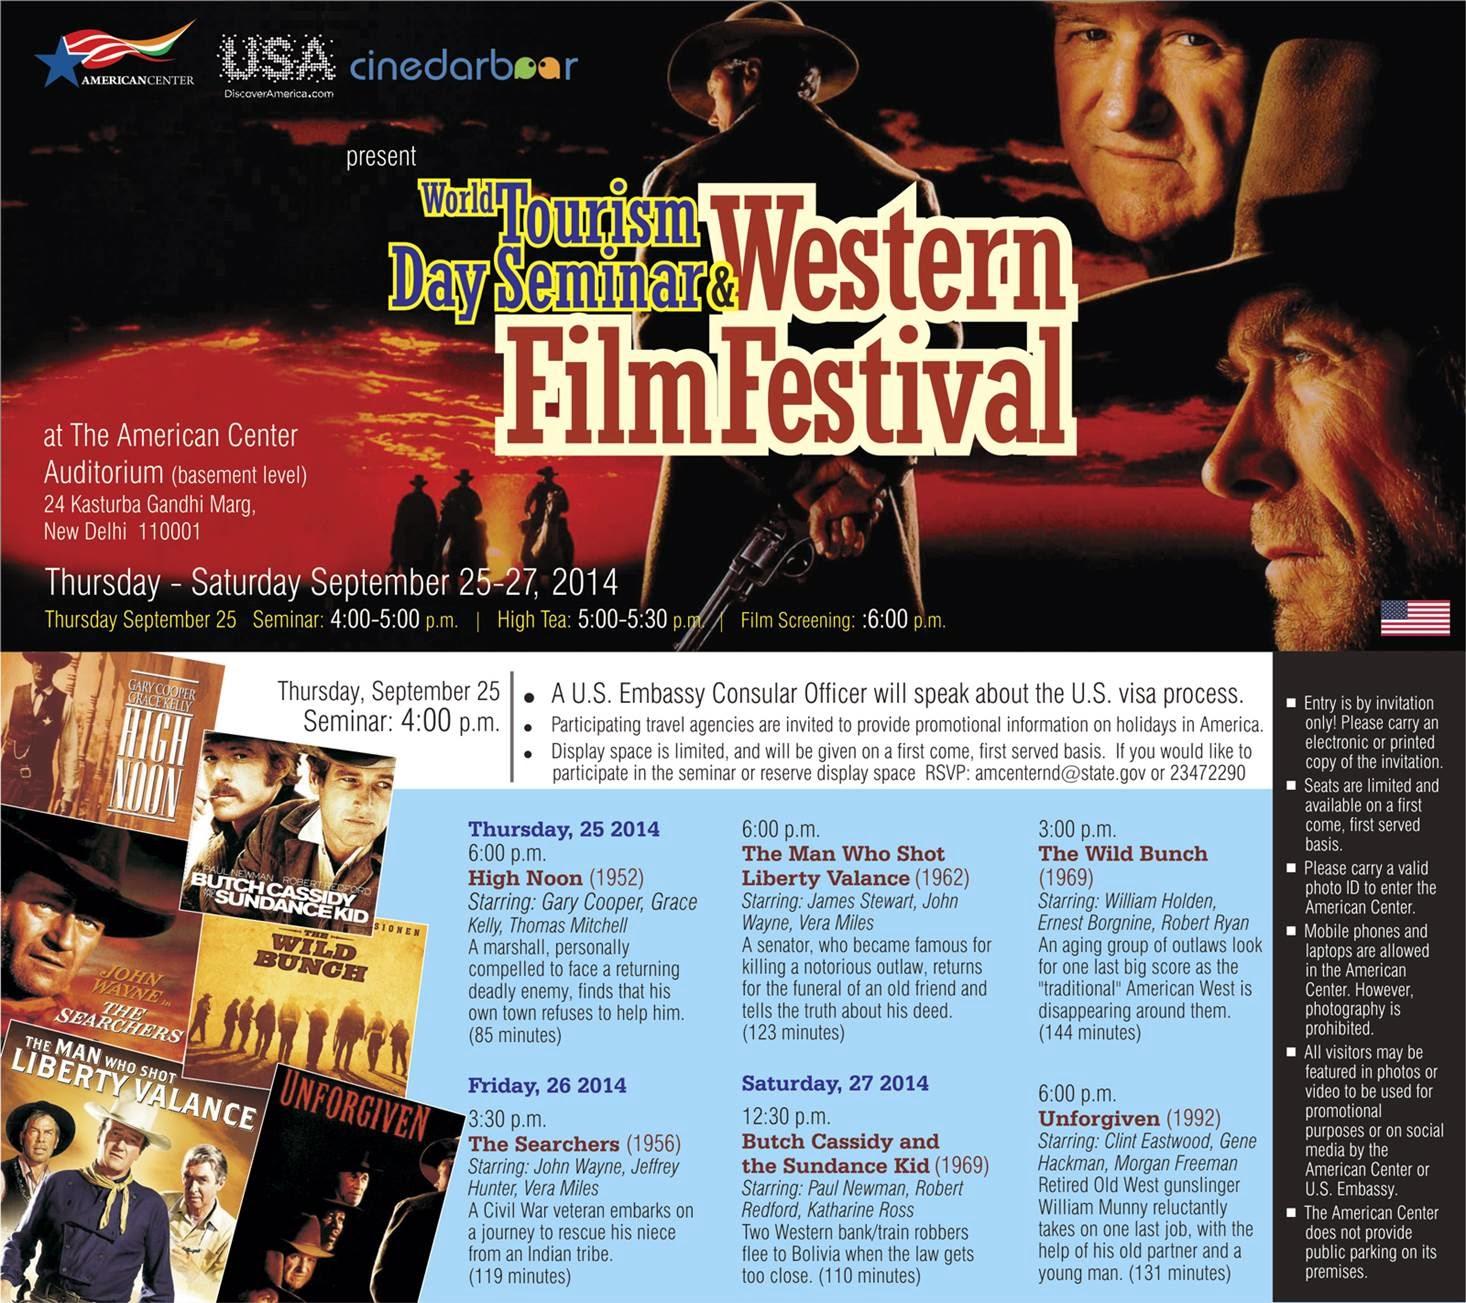 Western Film Festival, Festival Poster